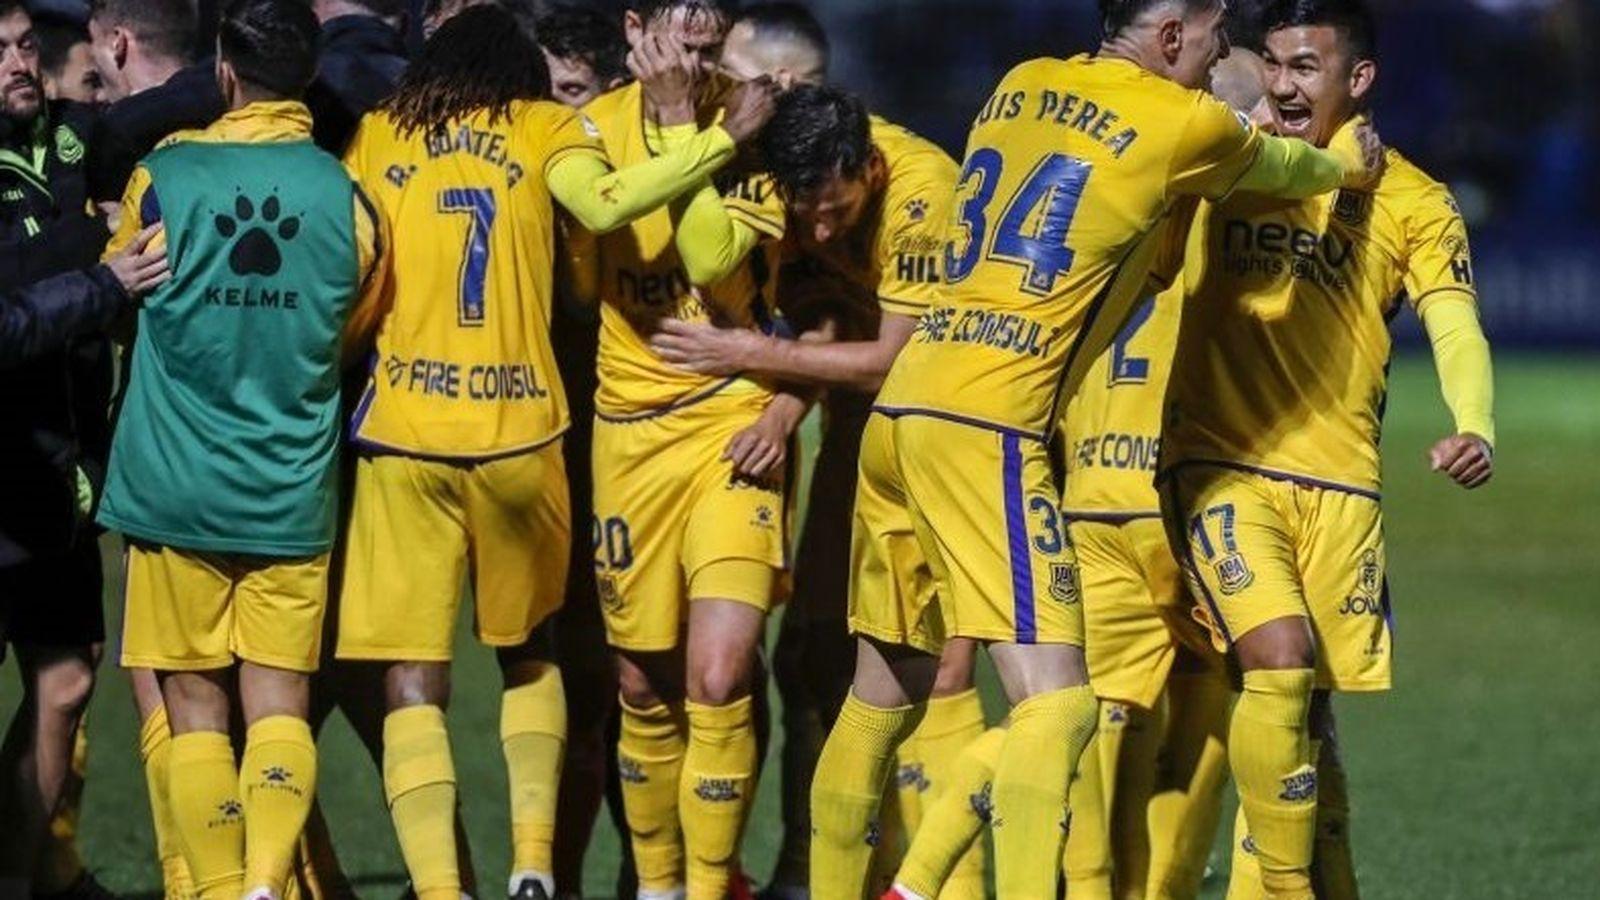 Foto: Jugadores del Alcorcón celebran un gol. (Europa Press)